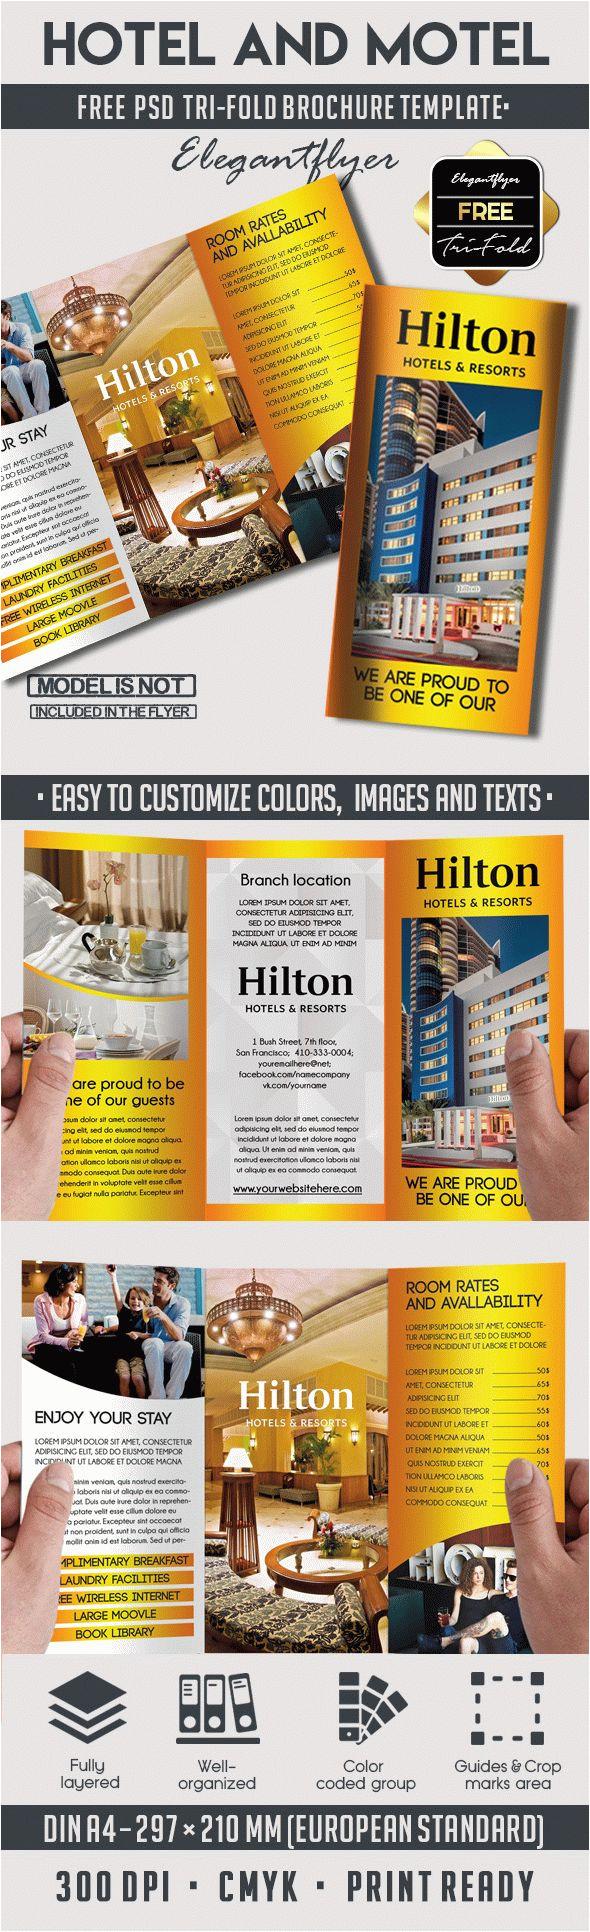 hotelmotel free psd tri fold psd brochure template